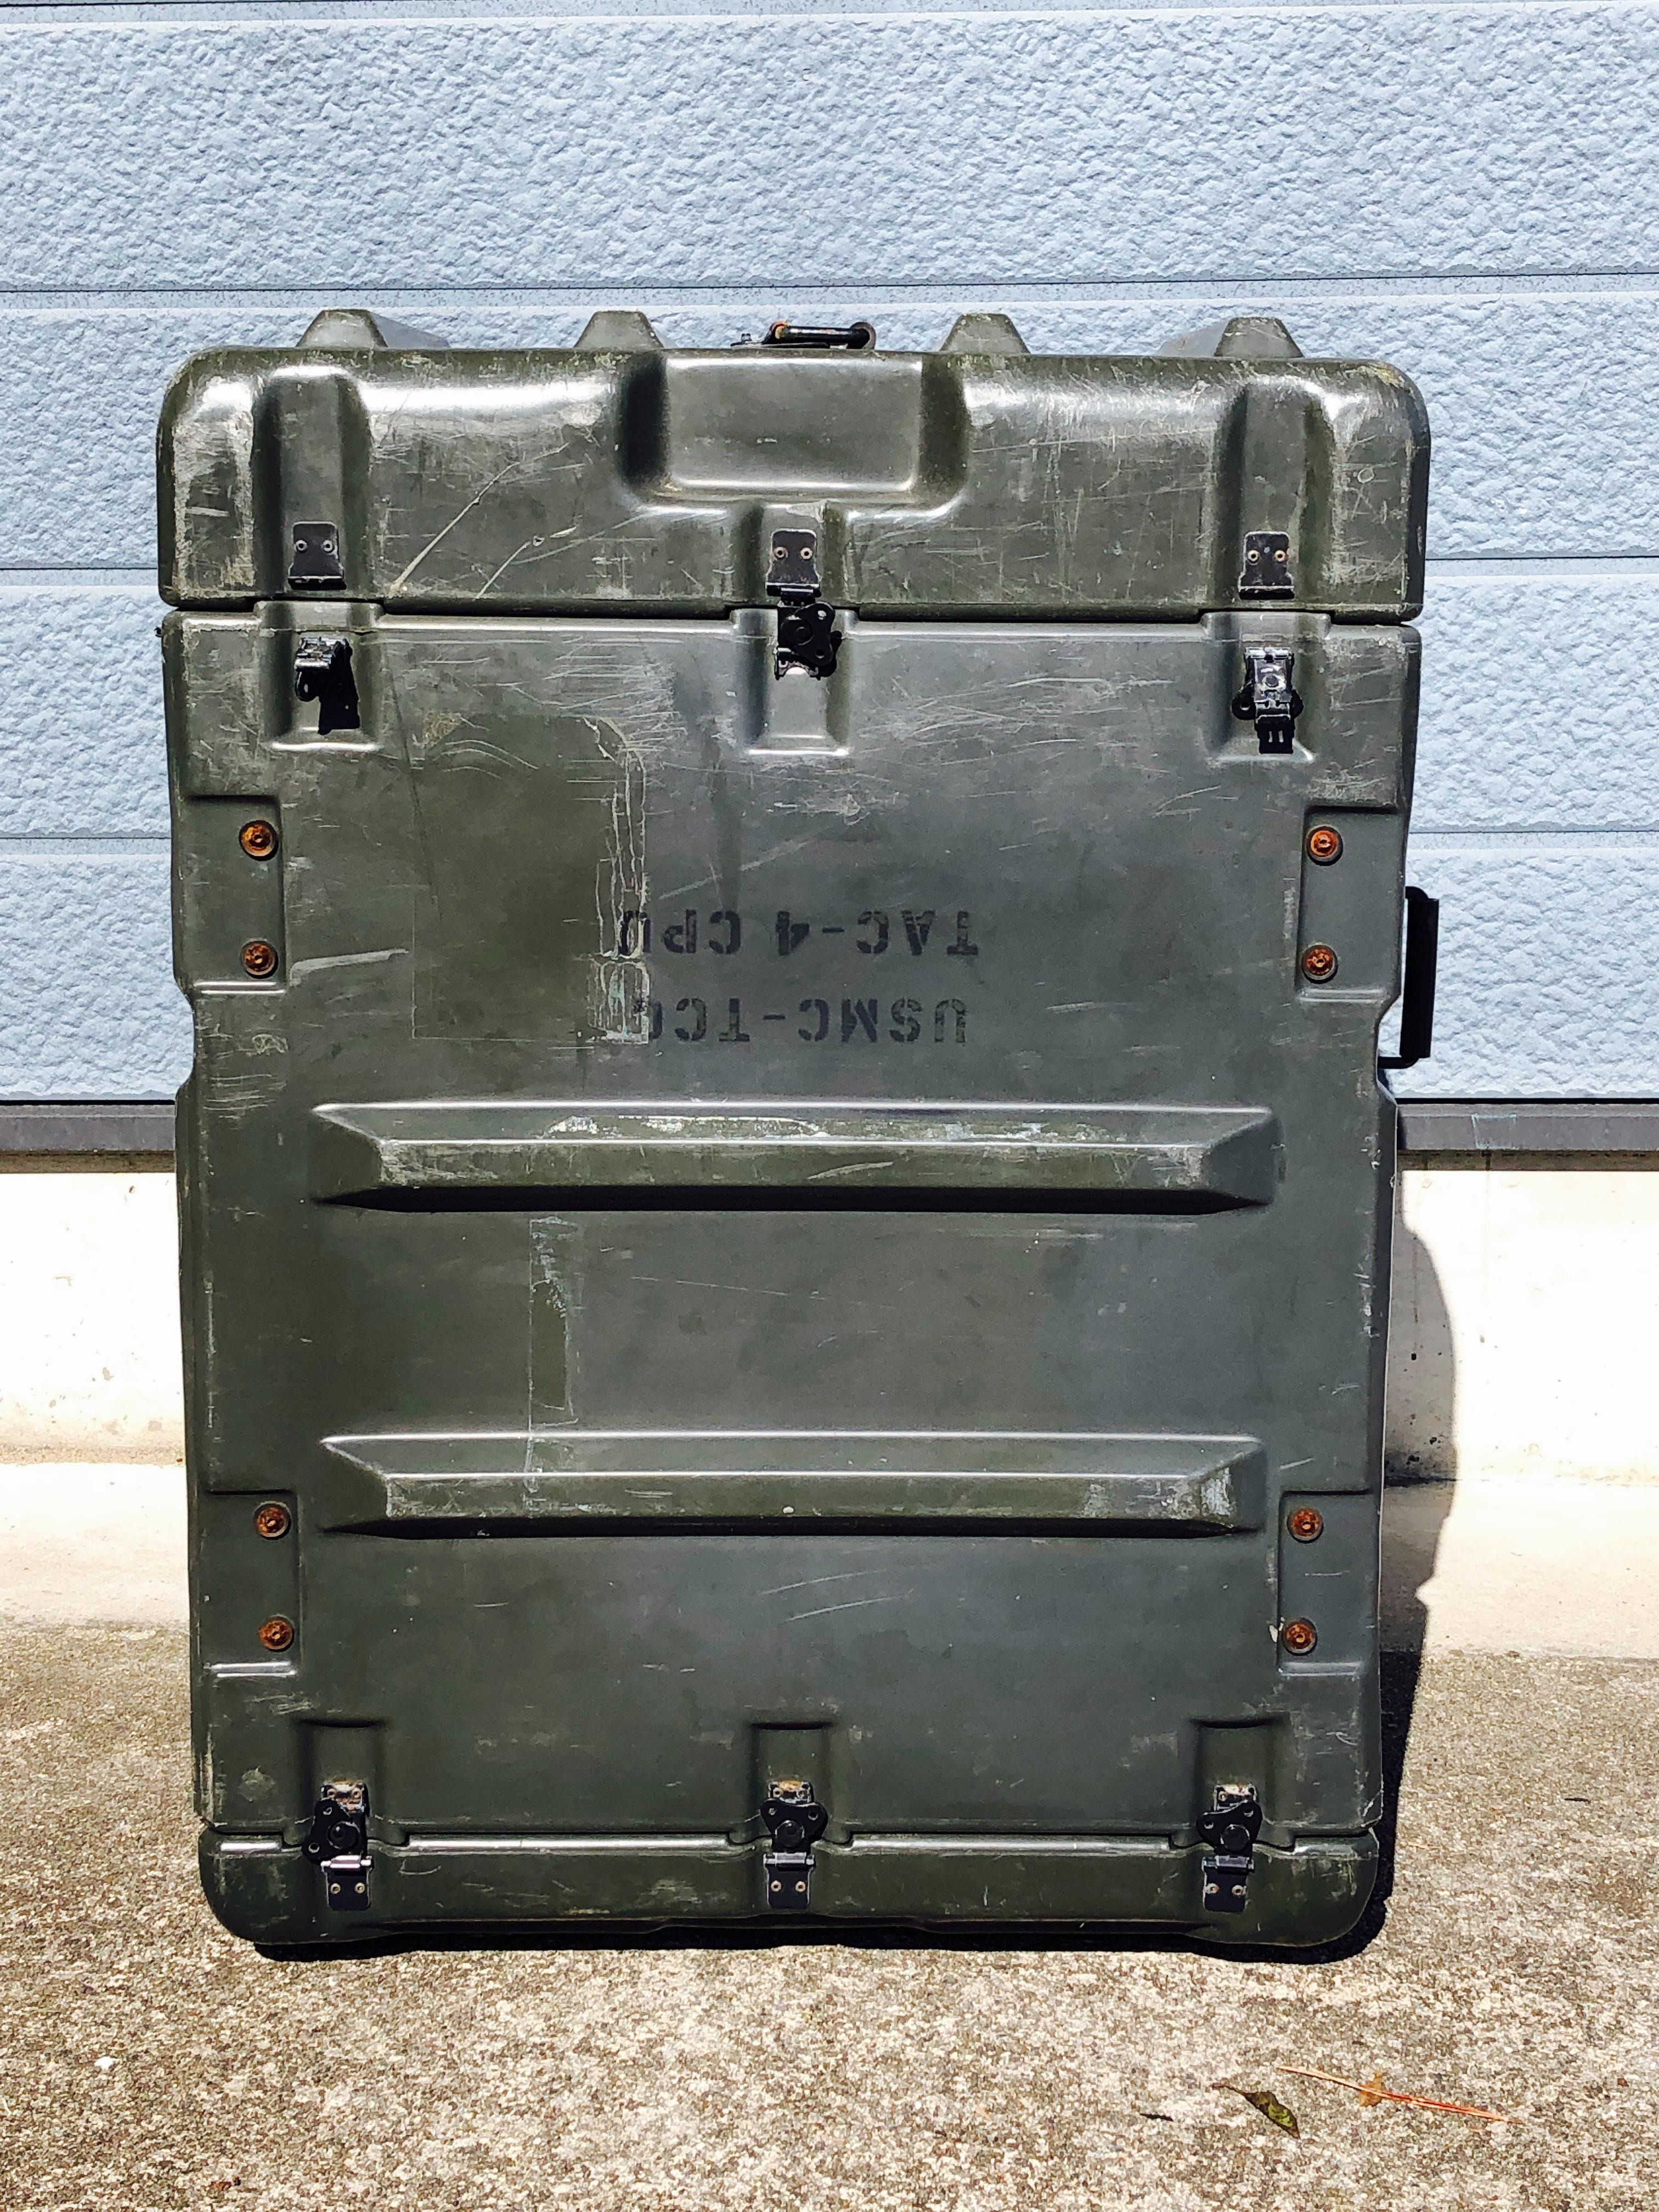 品番1304 軍箱 米軍 強化プラスチックボックス コンテナ ケース 箱 ヴィンテージ